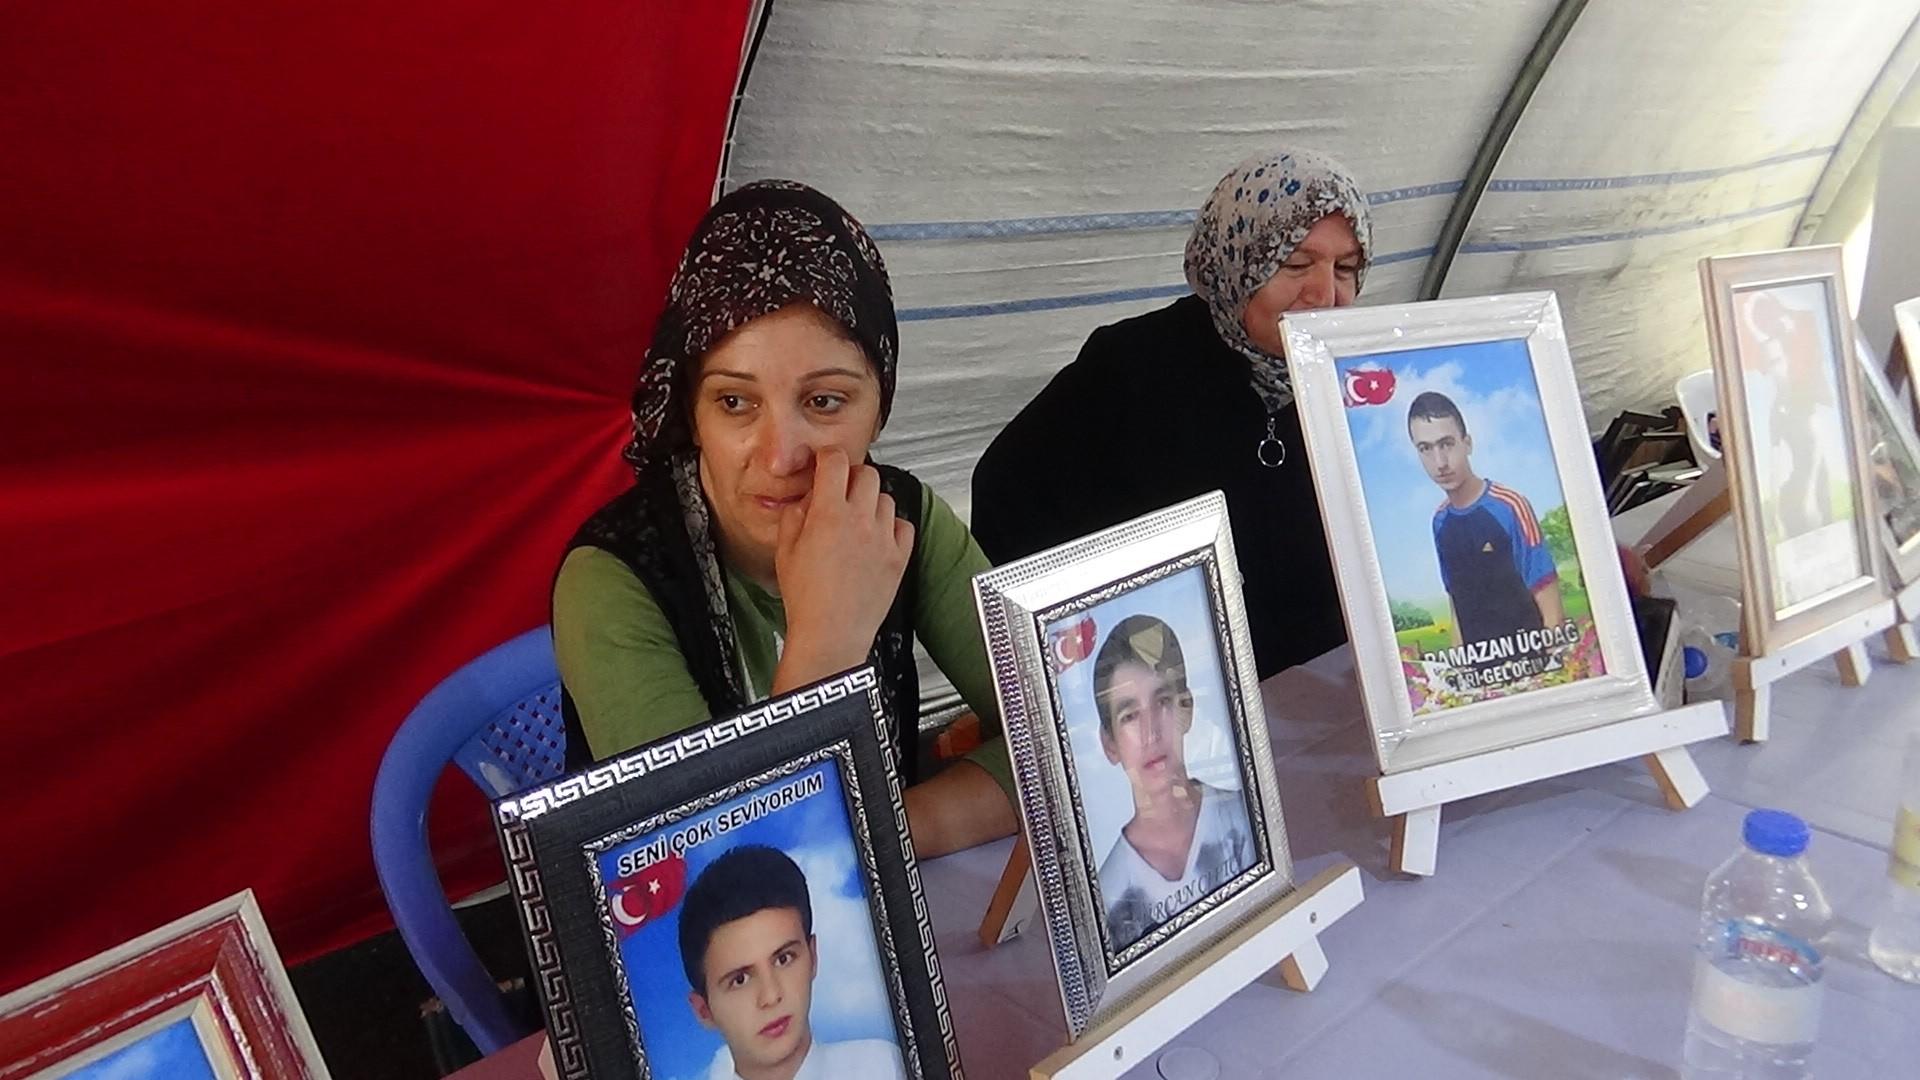 Evlat nöbeti tutan ailelerden HDP ve CHP'ye tepki